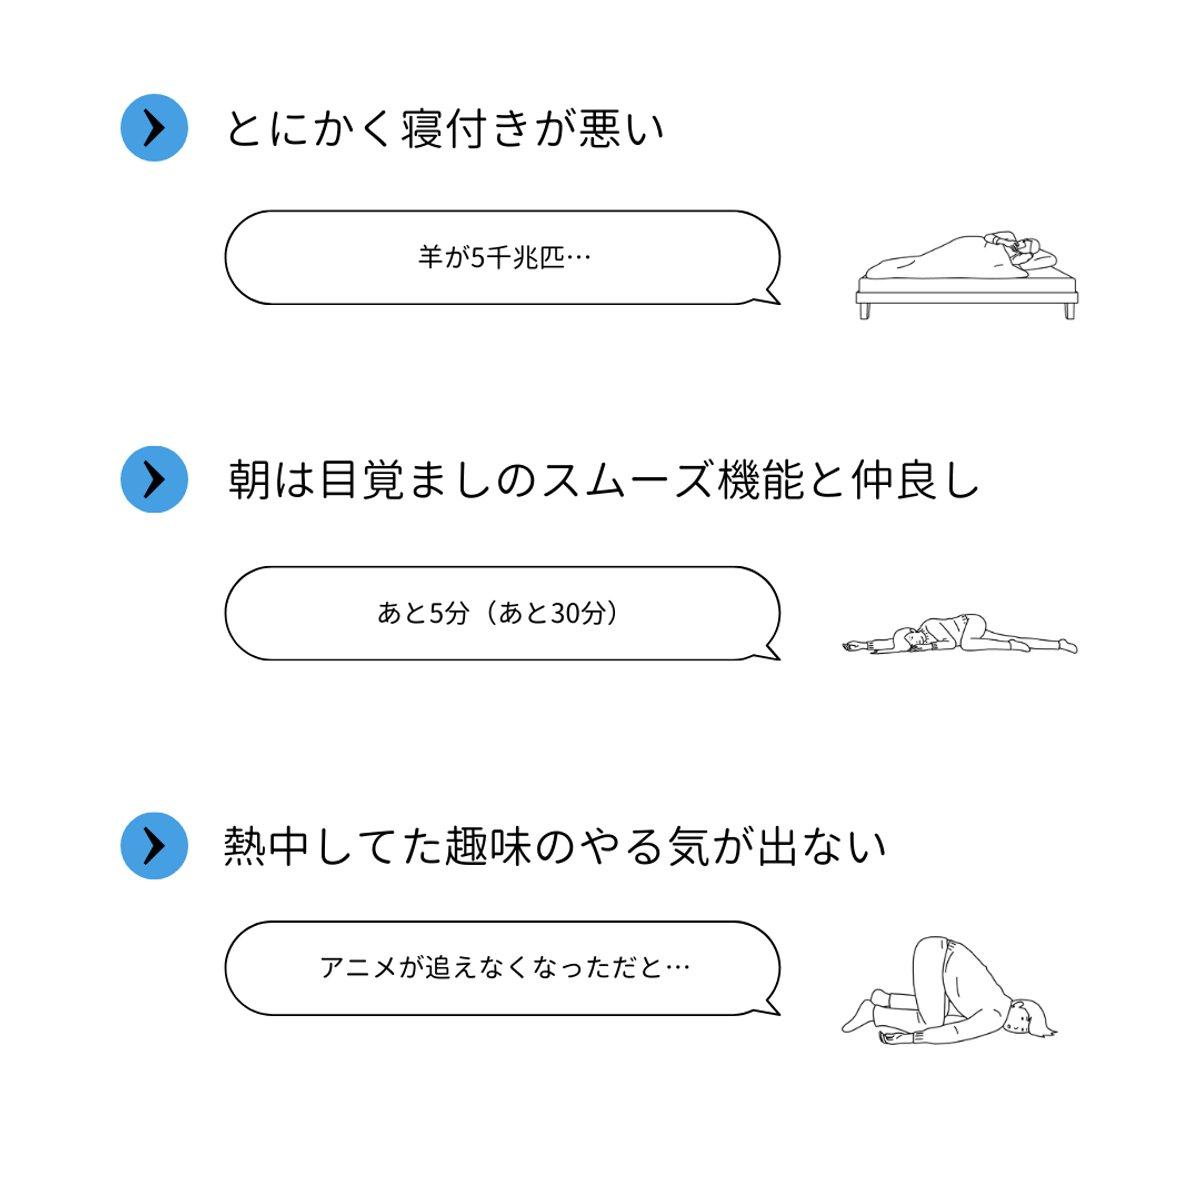 「疲れが限界な人」にありがちなこと6選です。